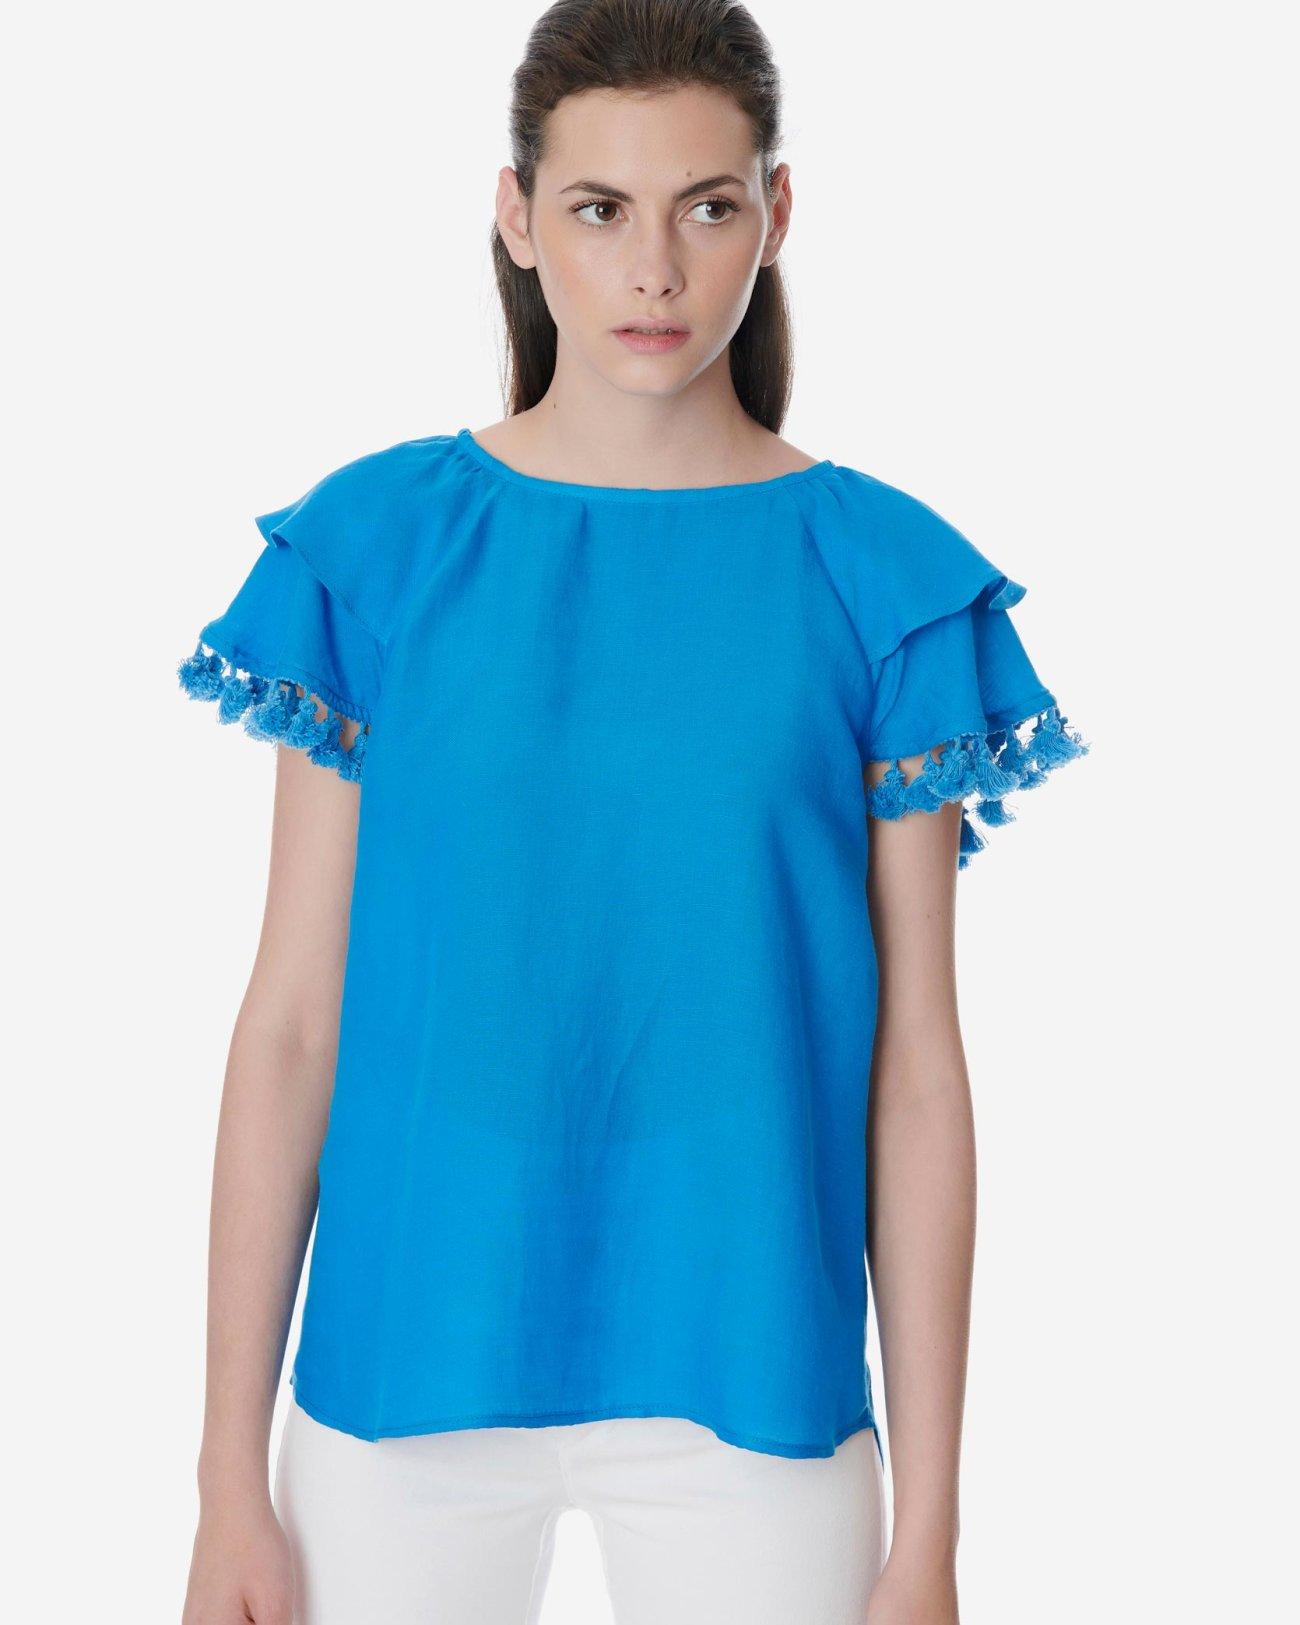 Μπλούζα με φούντες